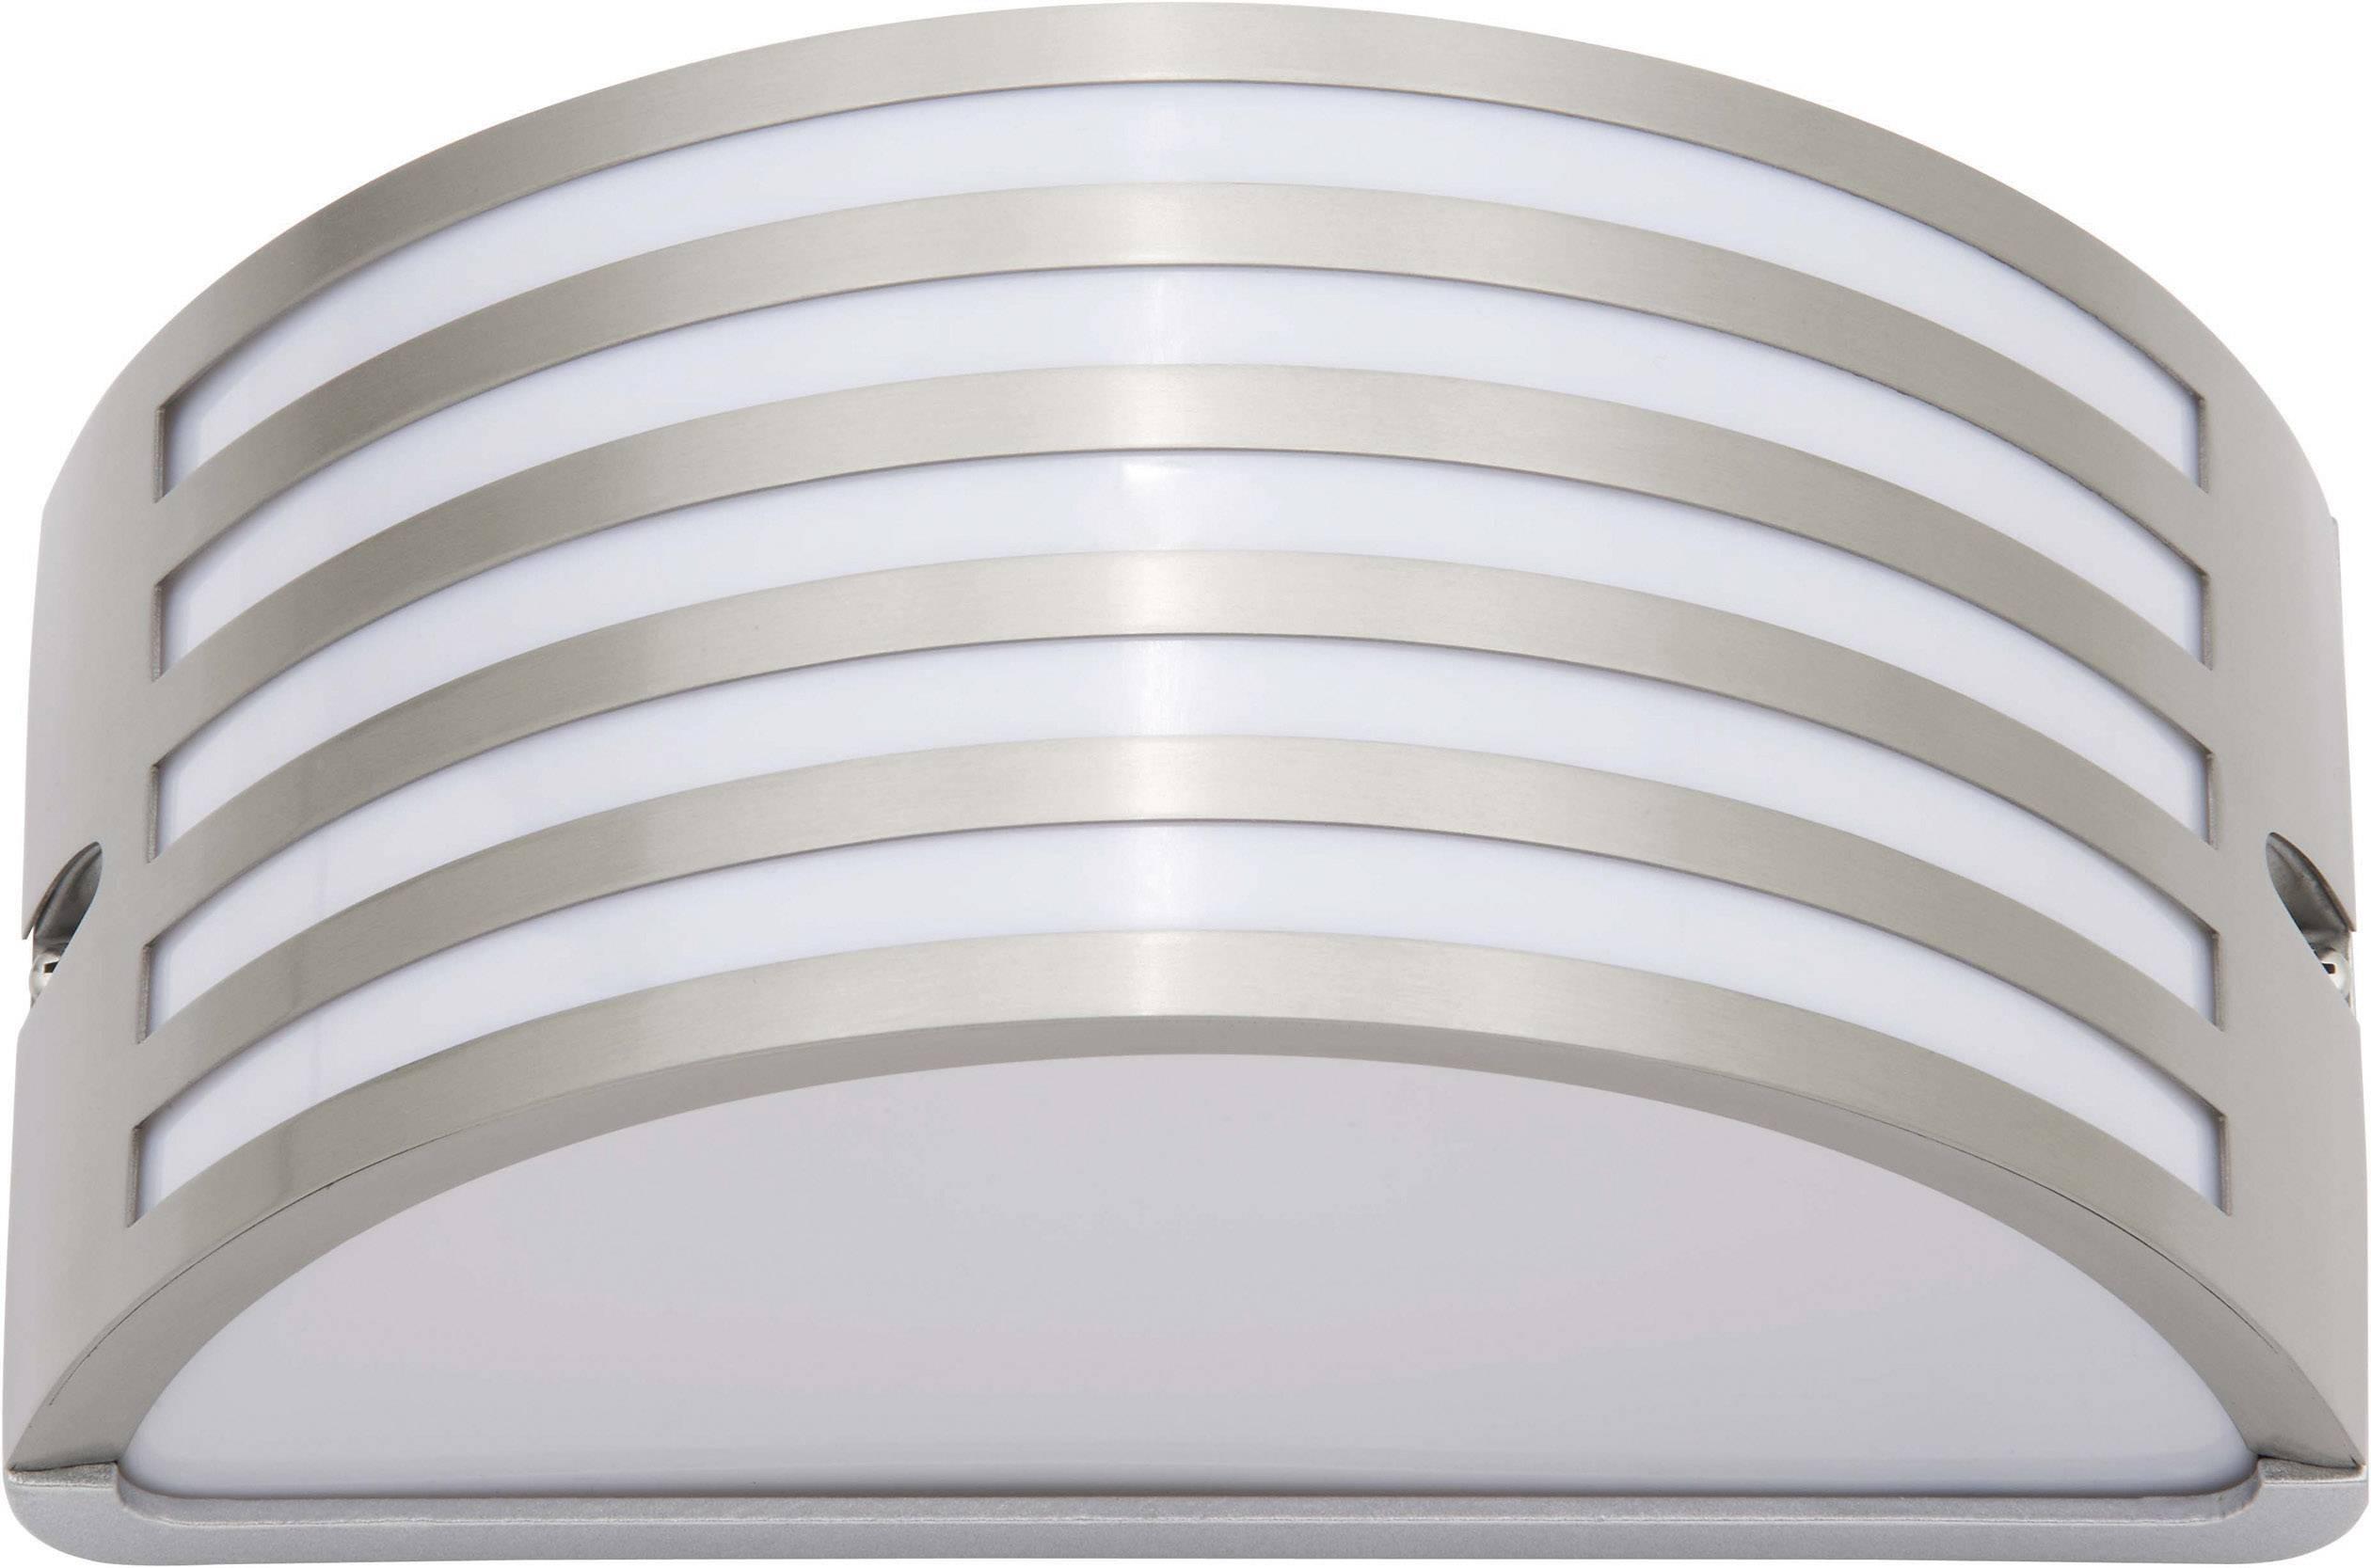 Venkovní nástěnné svítidlo Brilliant Celica 96130/82, E27, 60 W